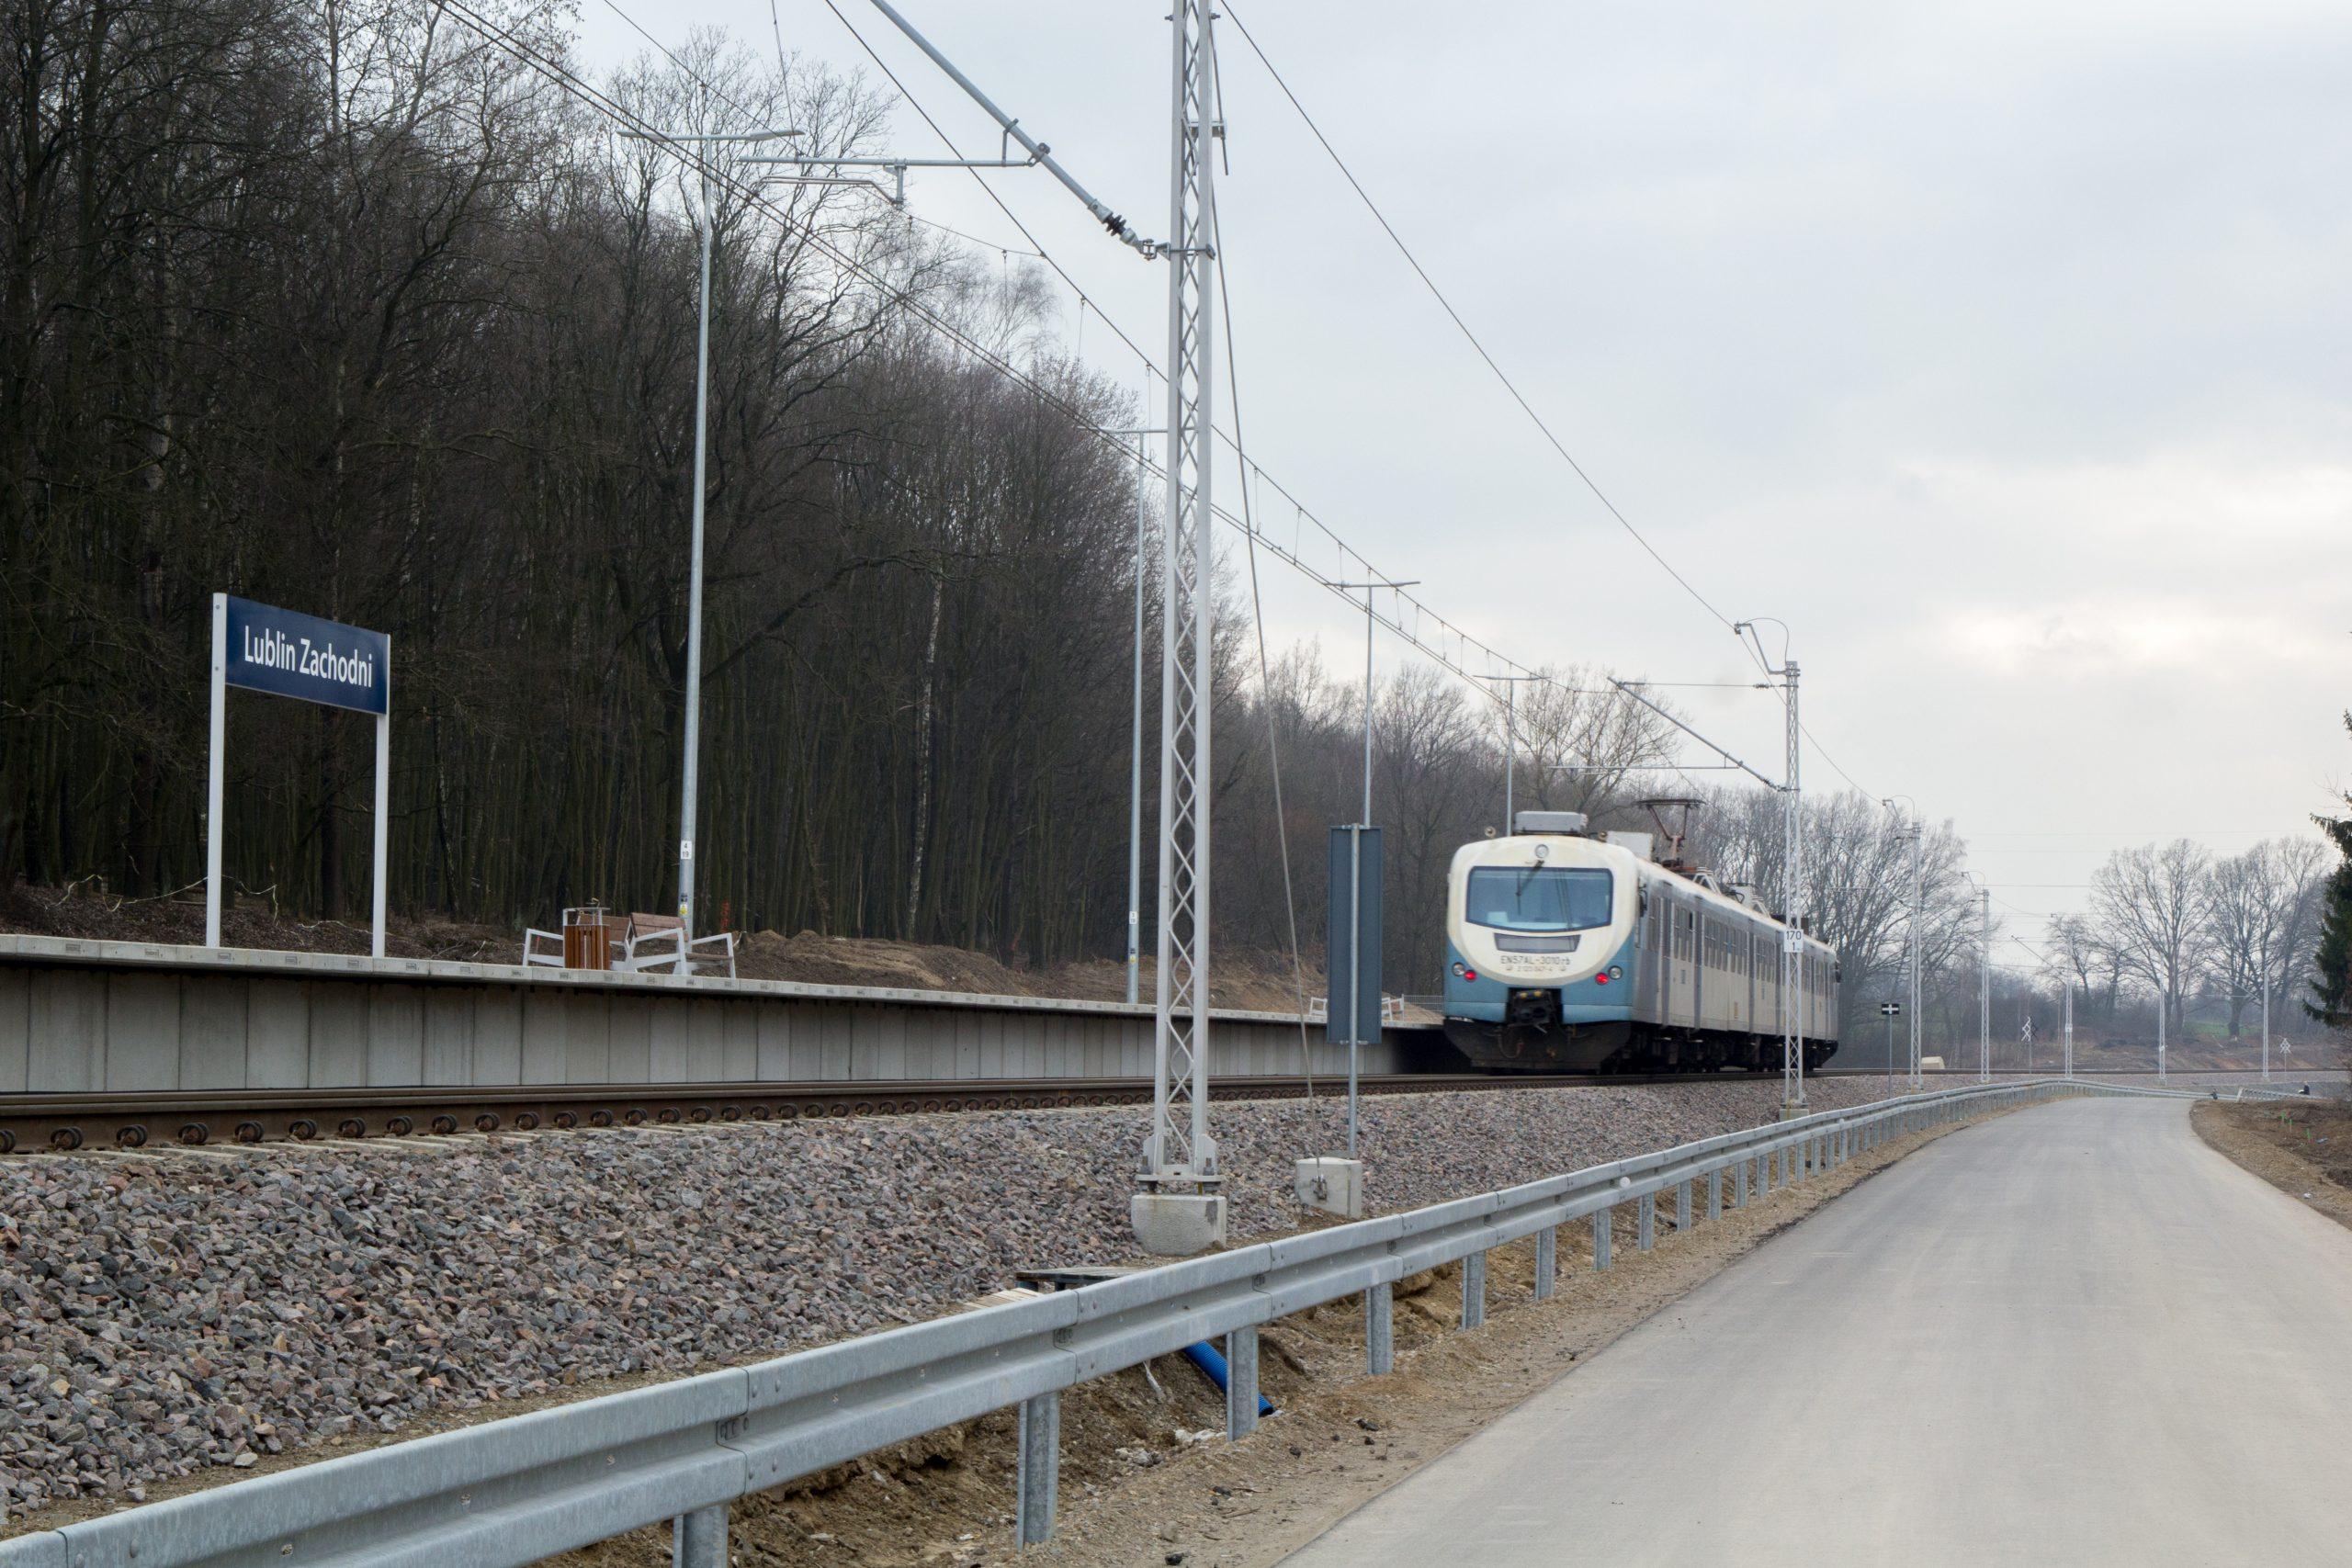 Przystanek Lublin Zachodni